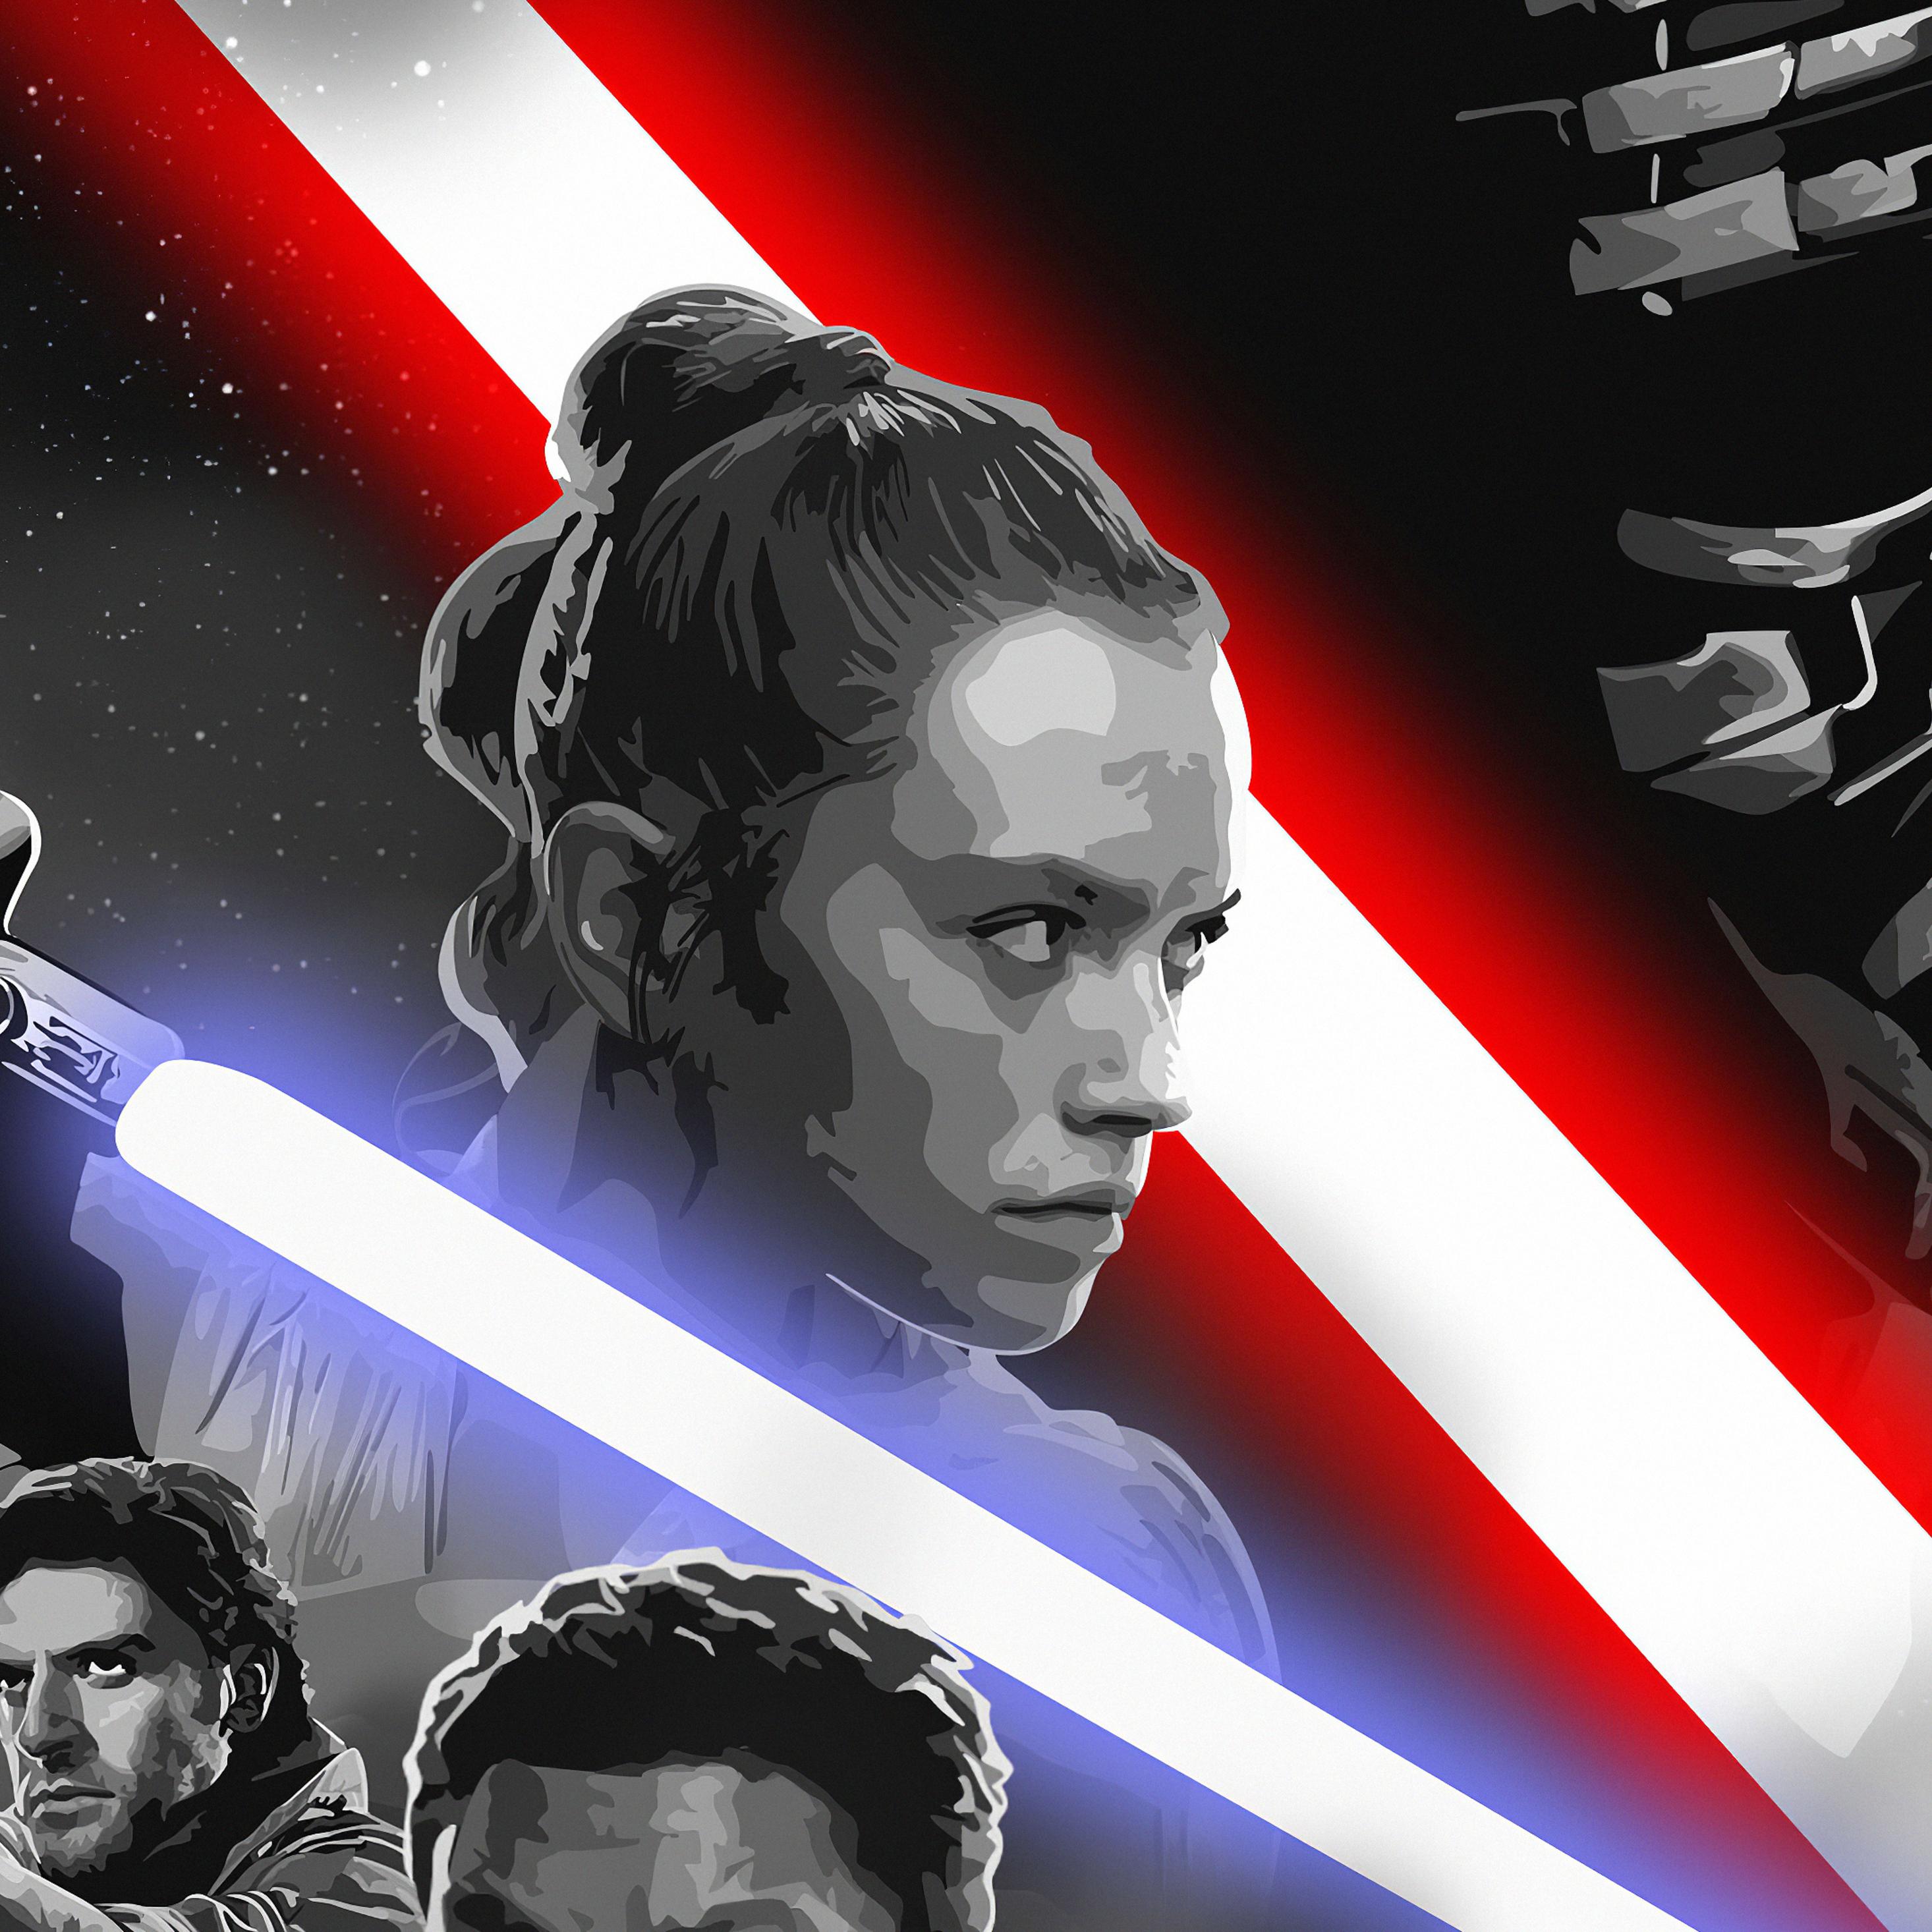 star-wars-rise-of-skywalker-art-qp.jpg